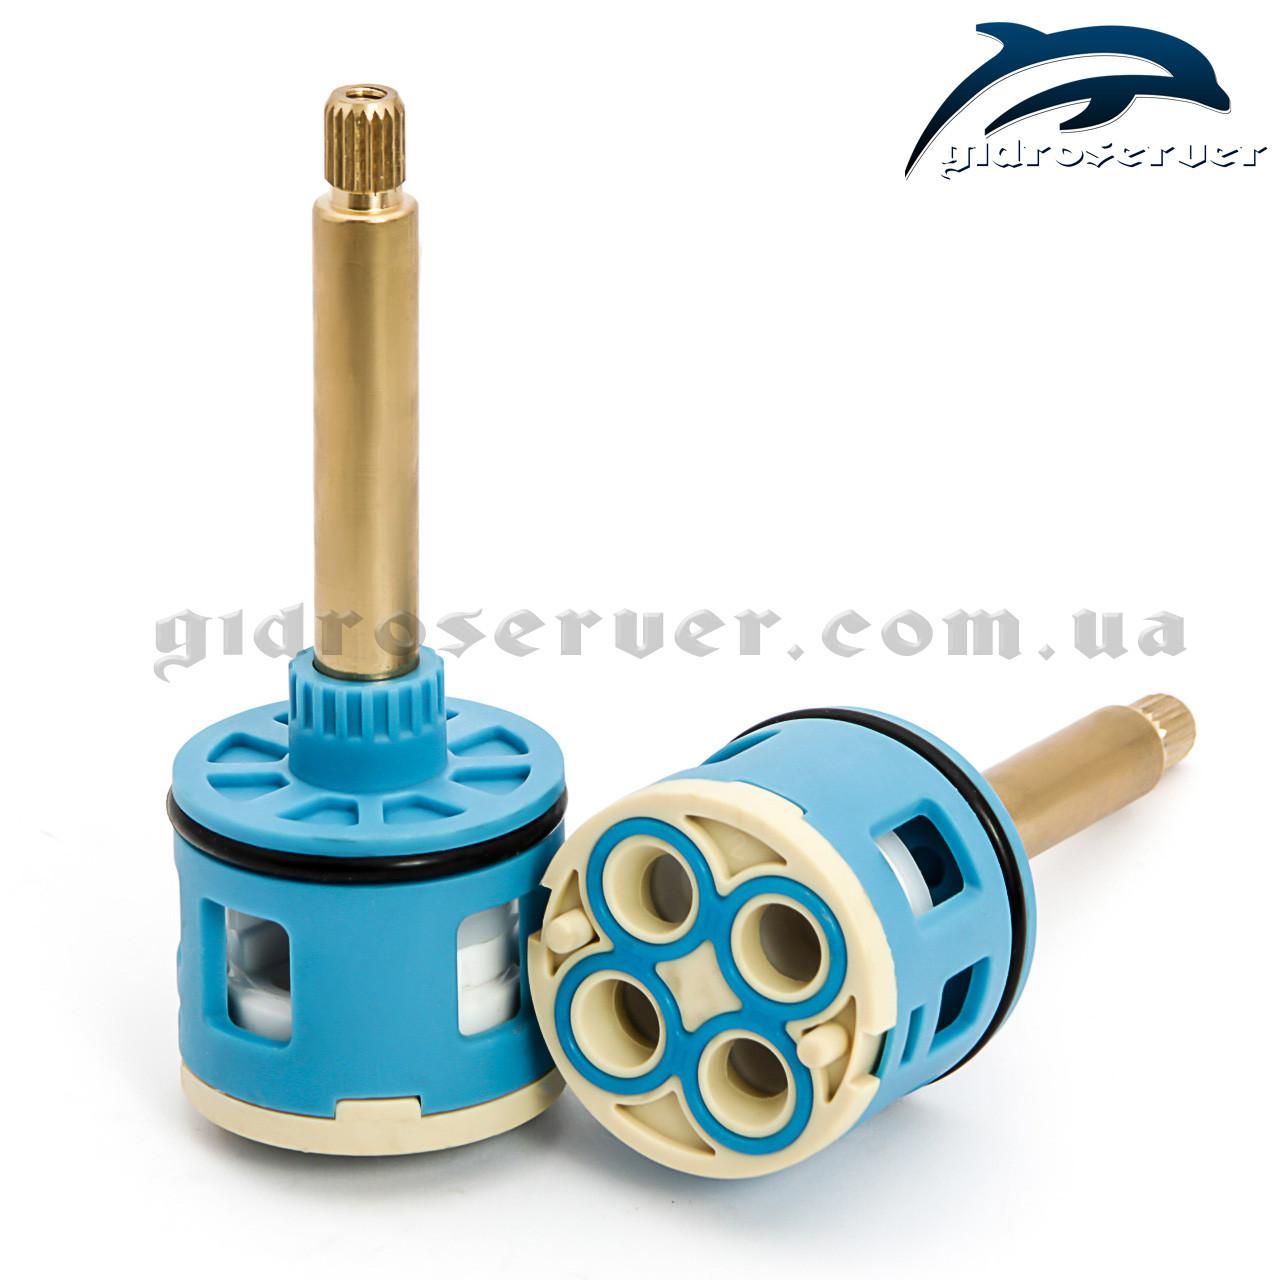 Картридж перемикання режимів для душових кабін, гідромасажних ванн, гідробоксів 4/37/55 на 4 положення.